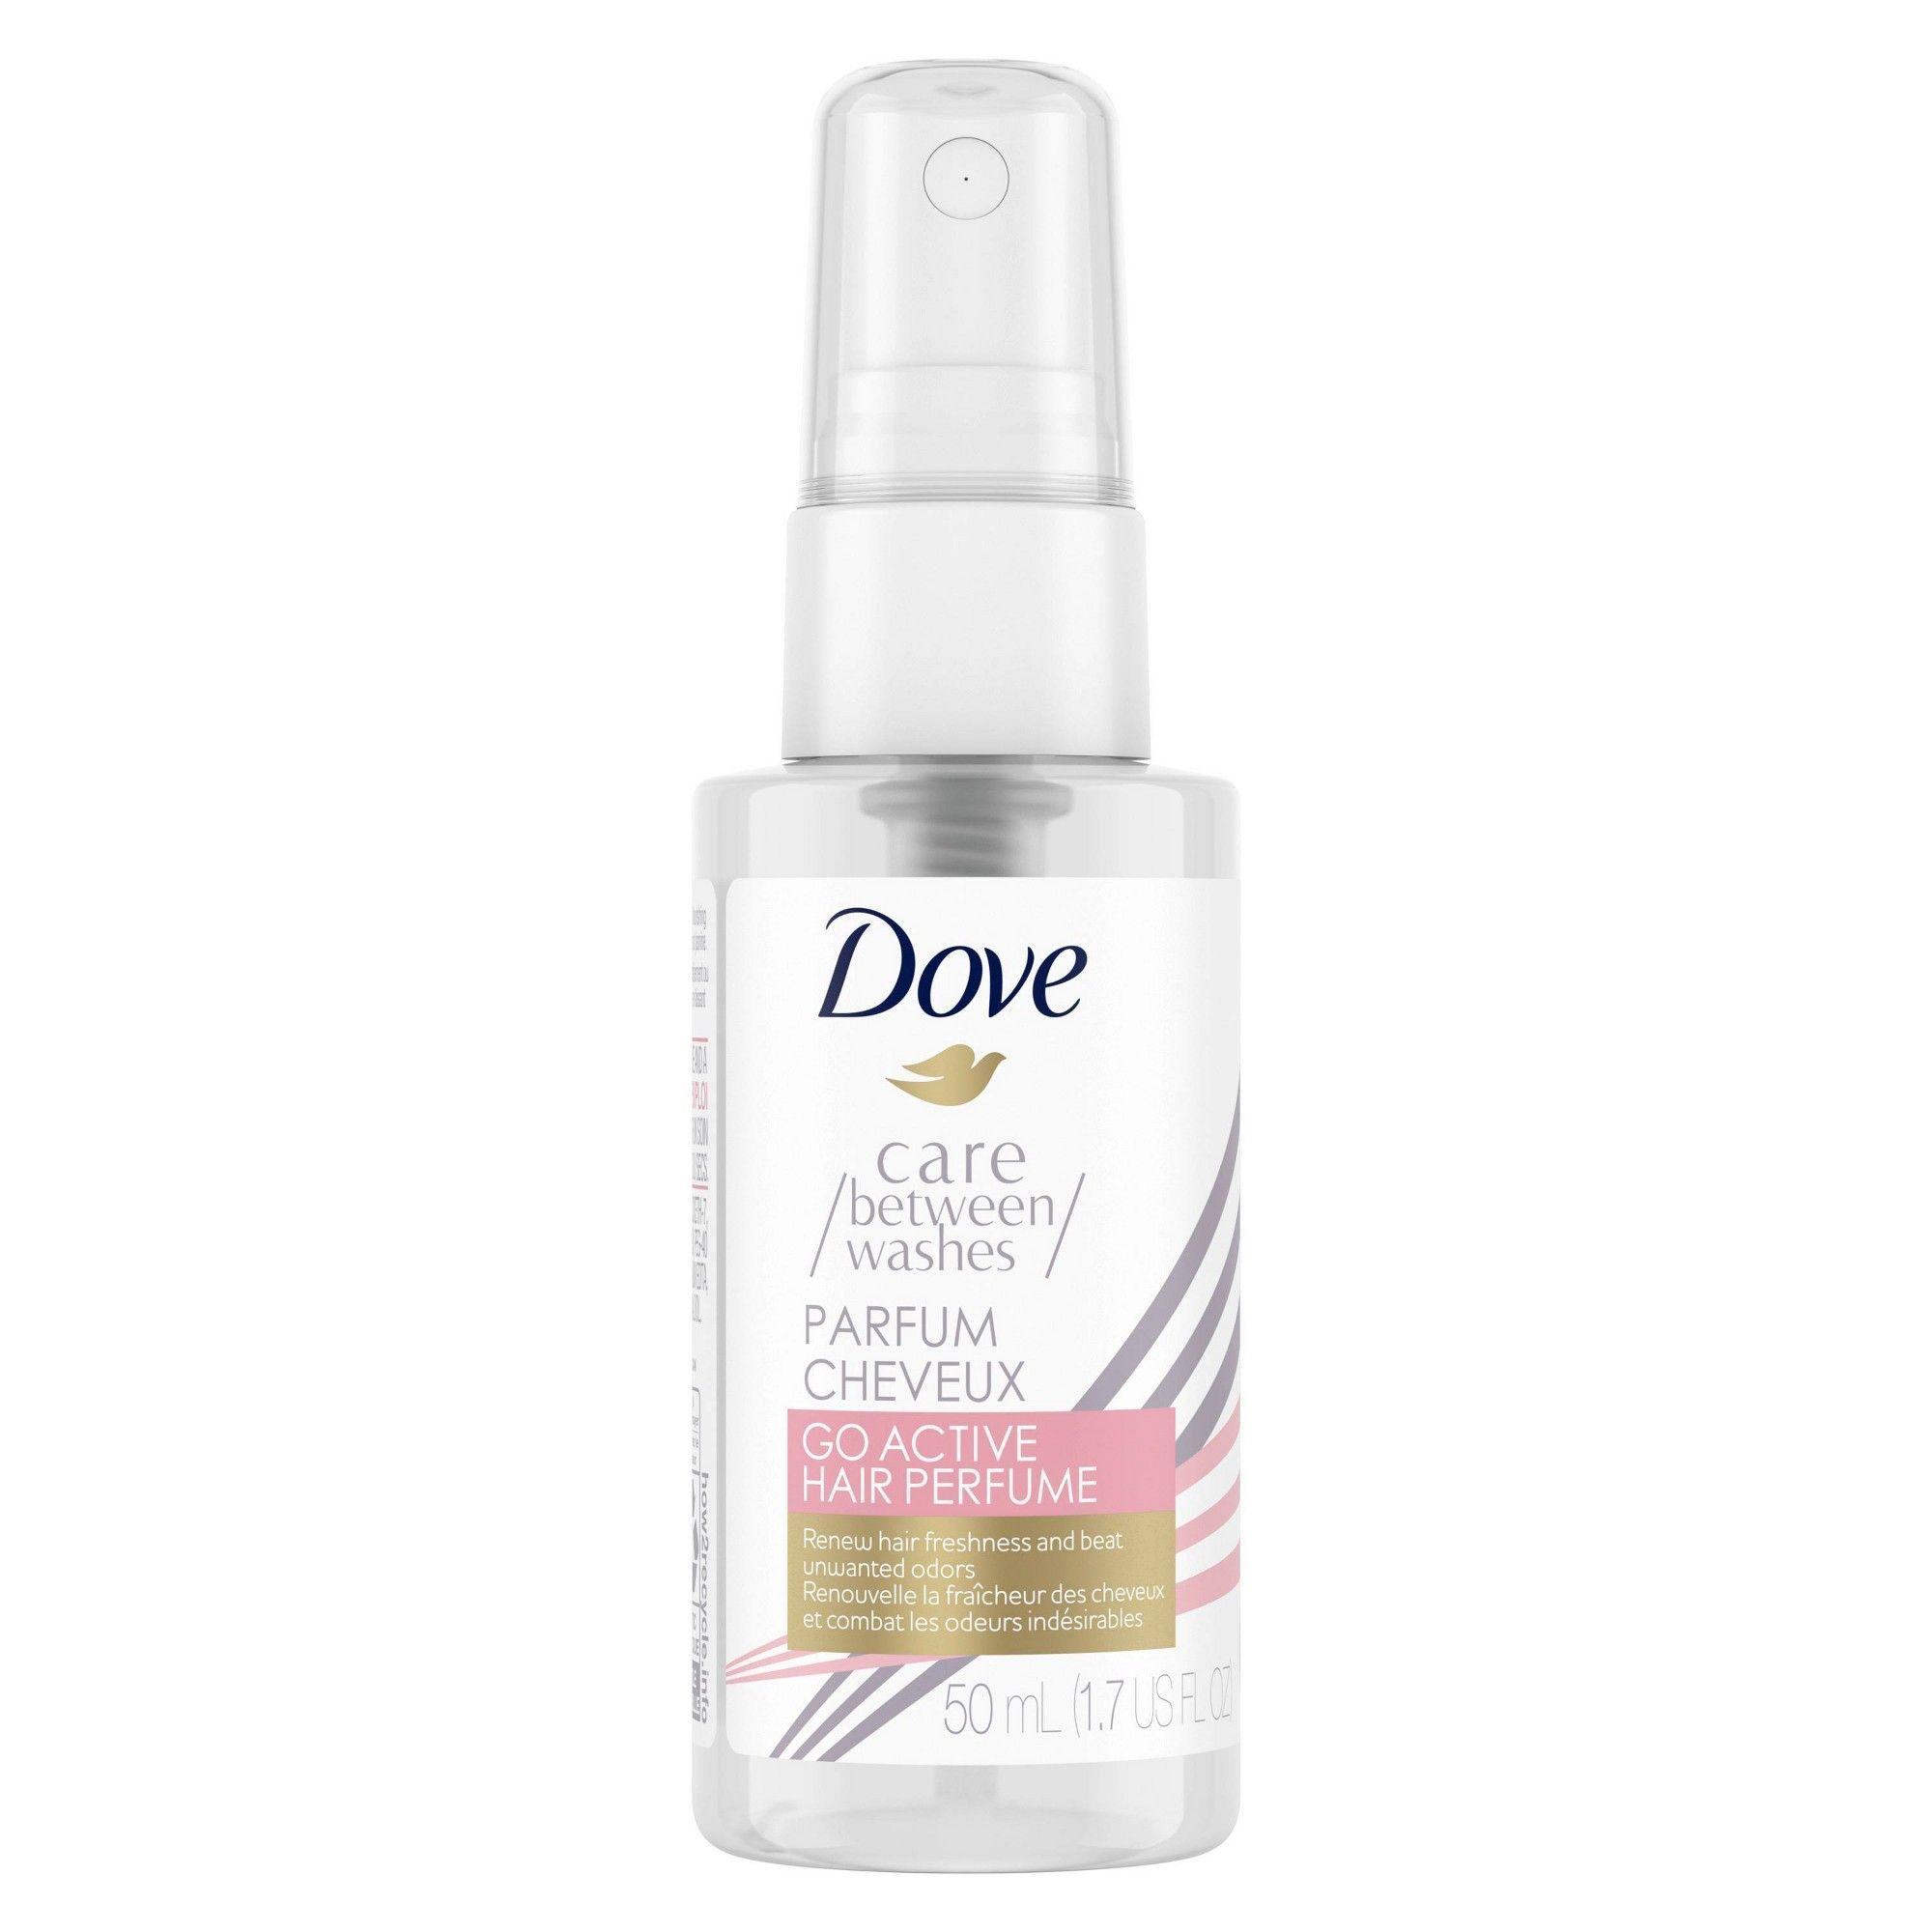 Dove Beauty Go Active Hair Perfume 1.7oz Hair perfume